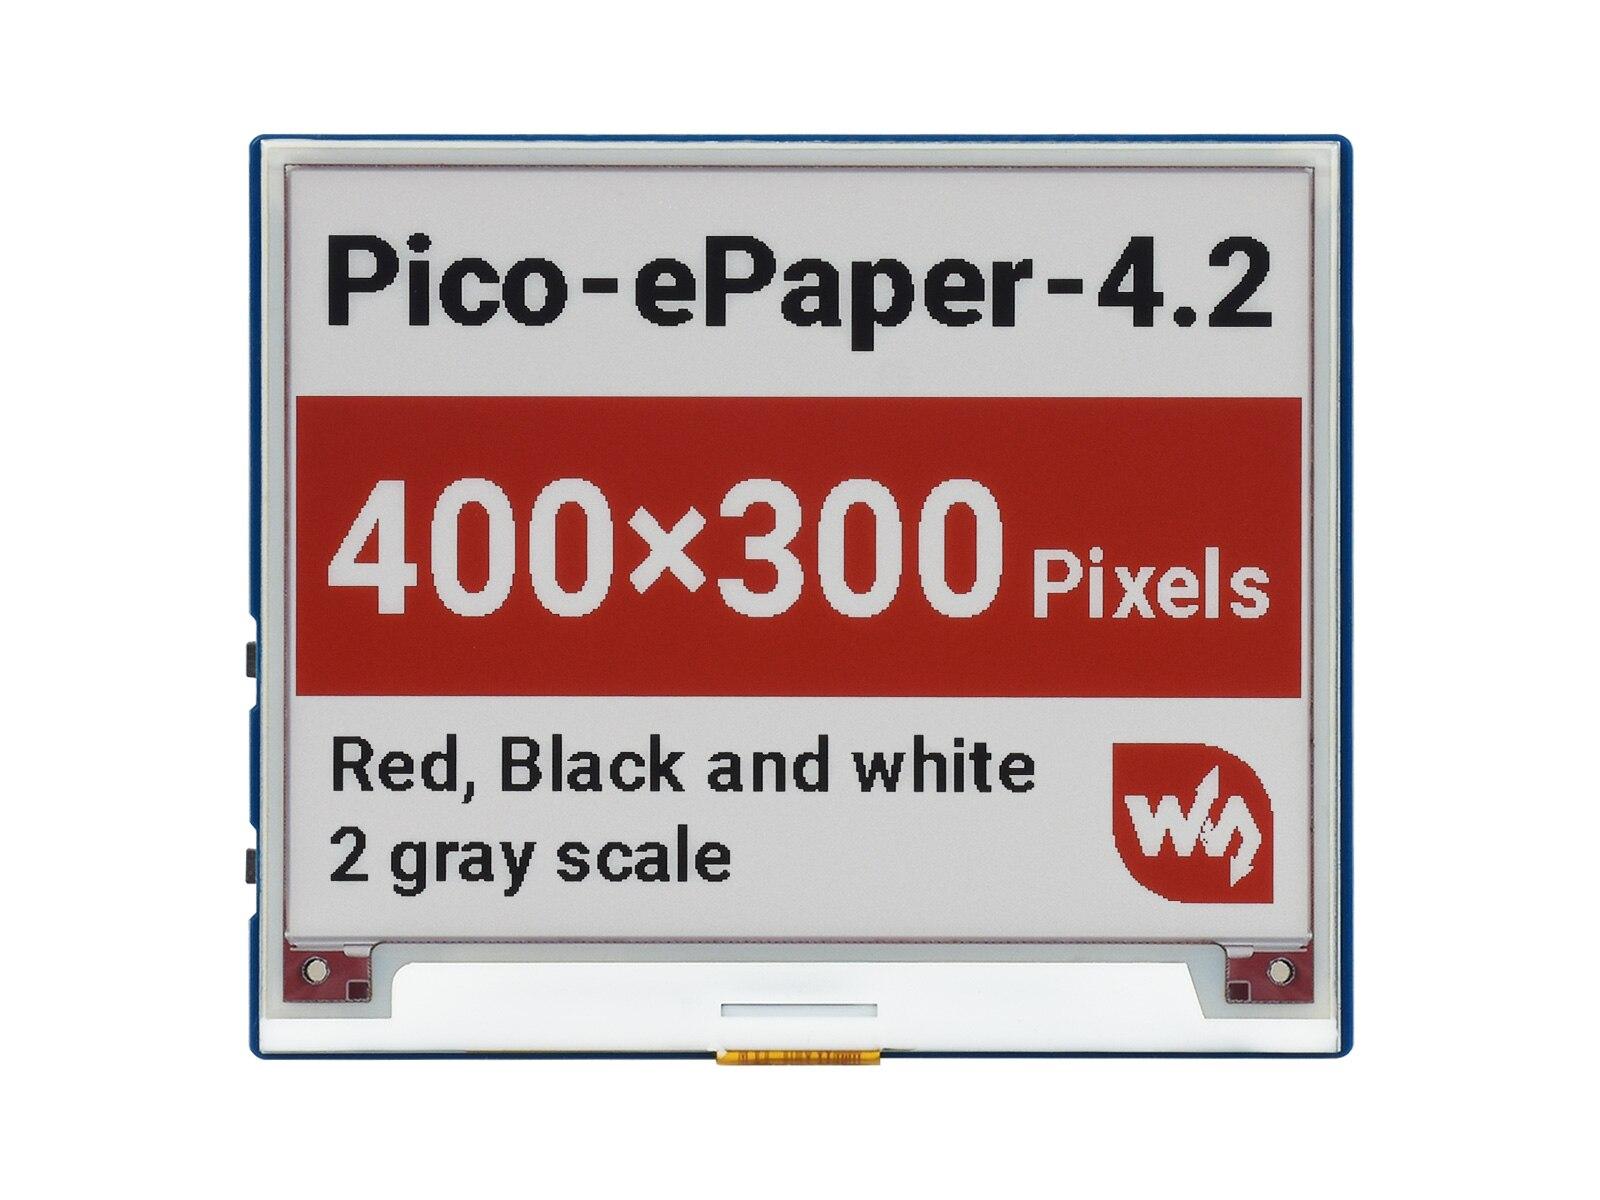 Pico-ePaper-4.2-B ، 4.2 بوصة E-Paper E-Ink وحدة عرض (B) For RPi Pico ، 400 × 300 بكسل ، أحمر/أسود/أبيض ، واجهة SPI